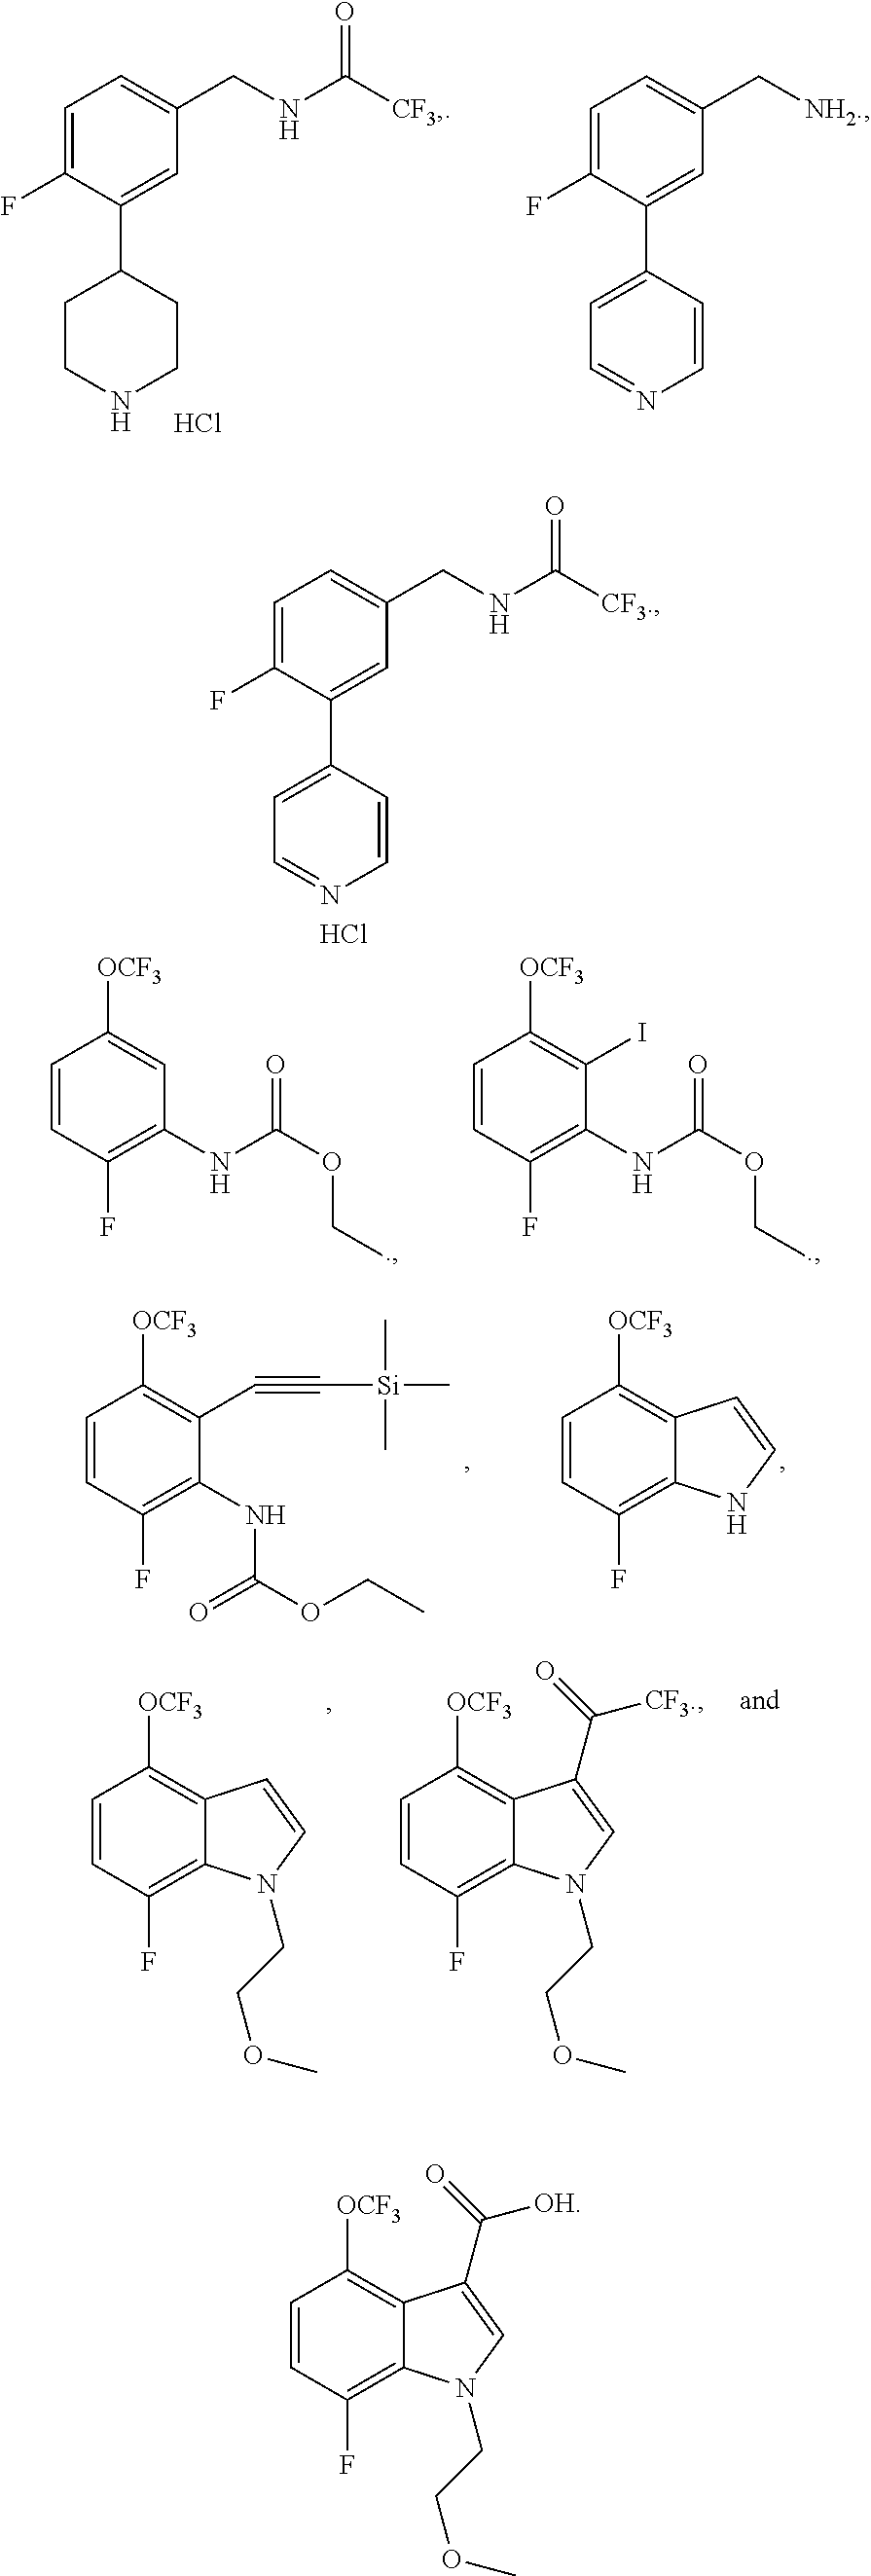 Figure US20110201647A1-20110818-C00034